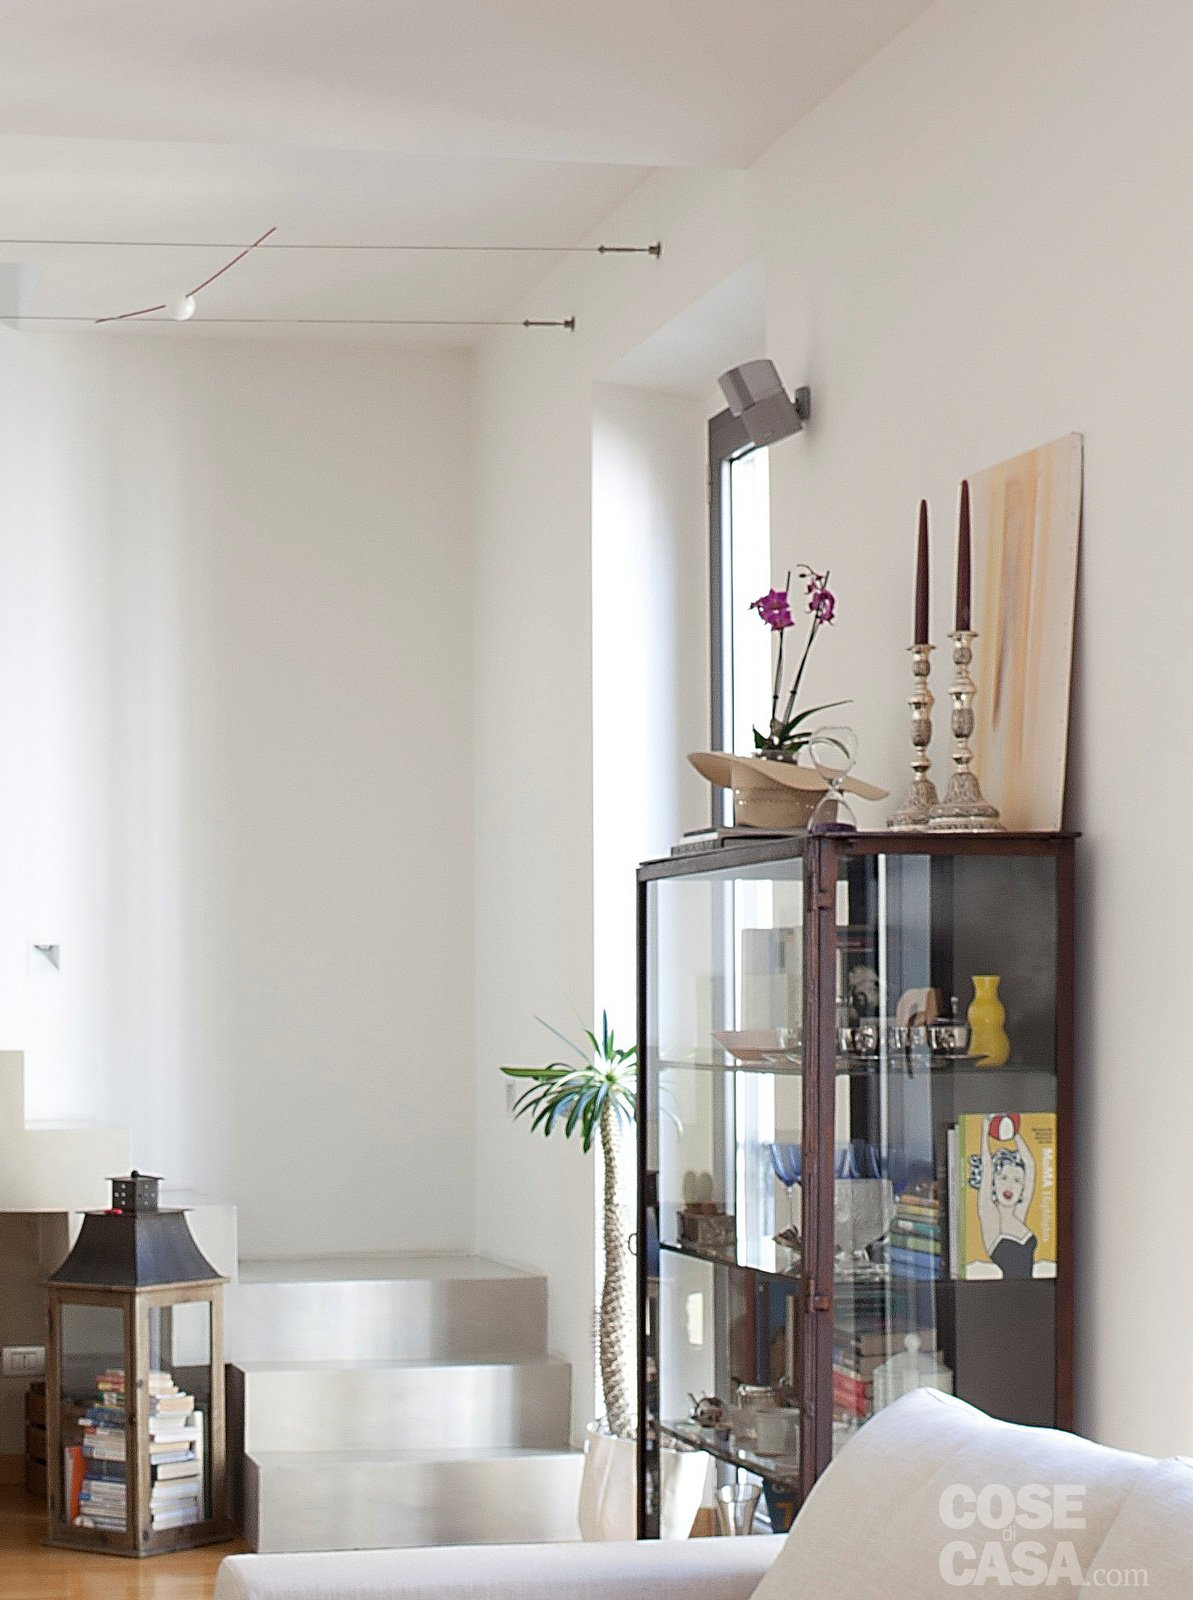 Una casa da copiare 10 idee tra spunti d 39 arredo e decor cose di casa - Idee decoro casa ...